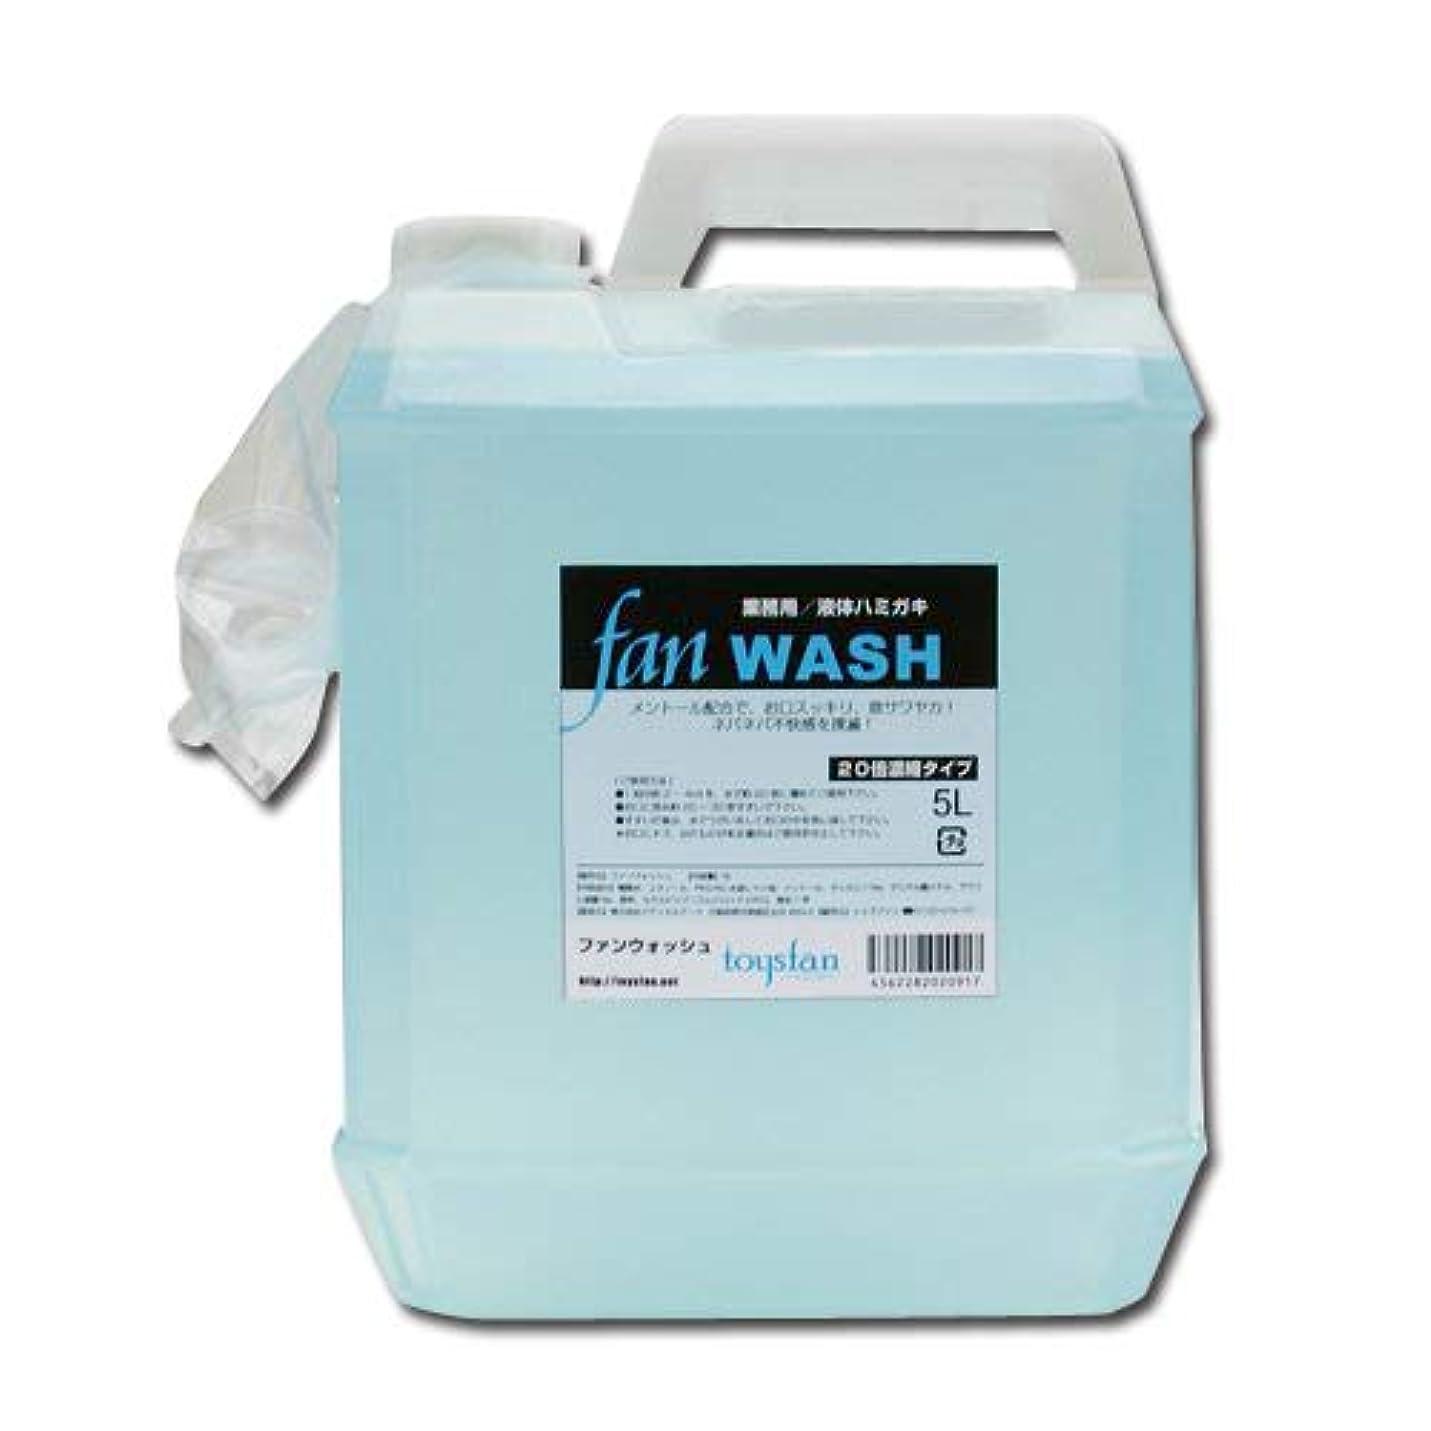 乳ノミネート貧しいファンウォッシュ 5L(20倍濃縮)業務用液体ハミガキ FAN WASHメントール配合│液体歯磨き大容量!うがい液